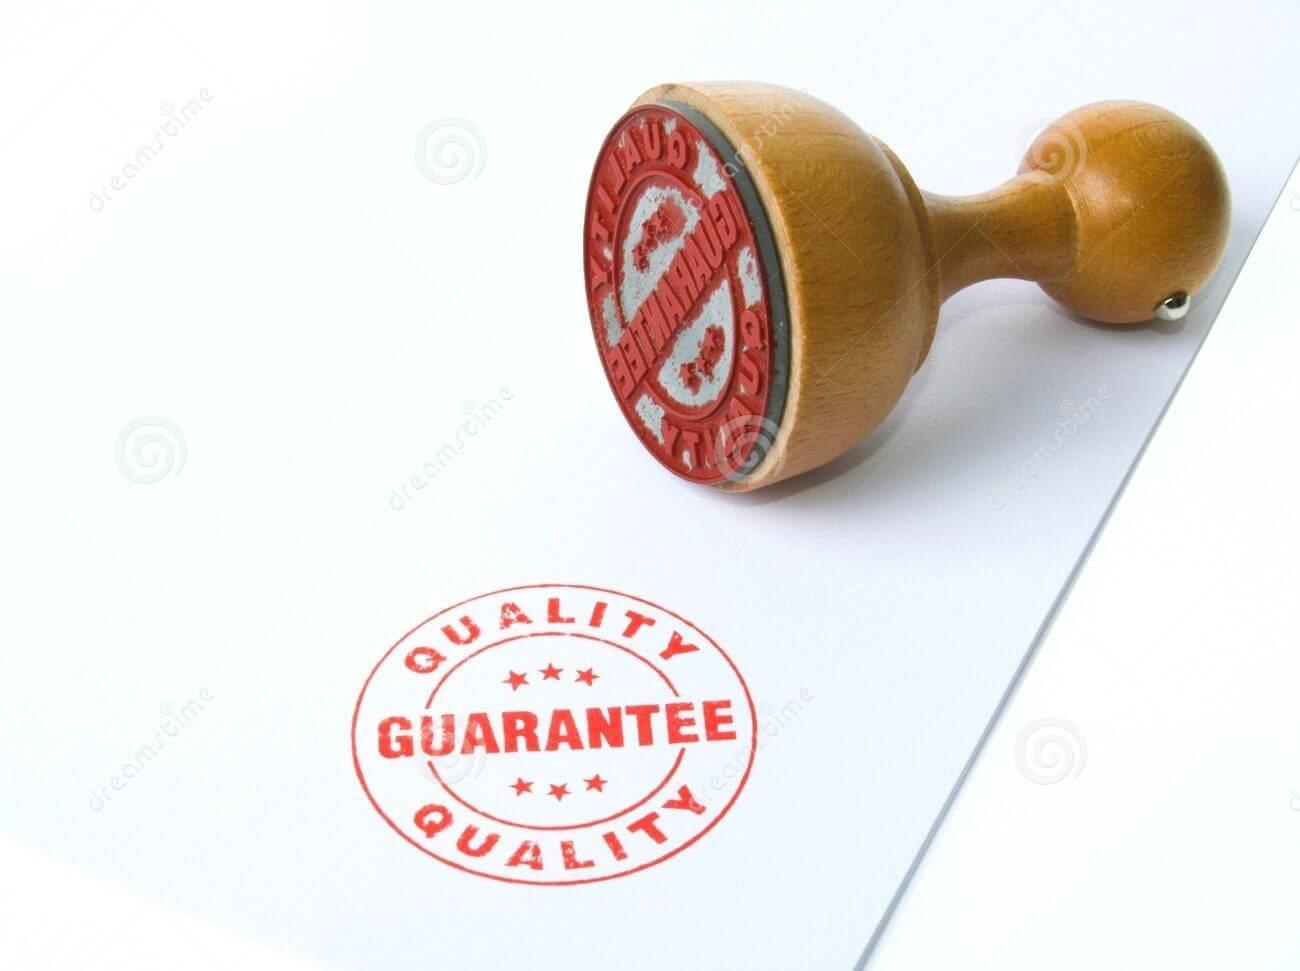 Sello de garantía de calidad.